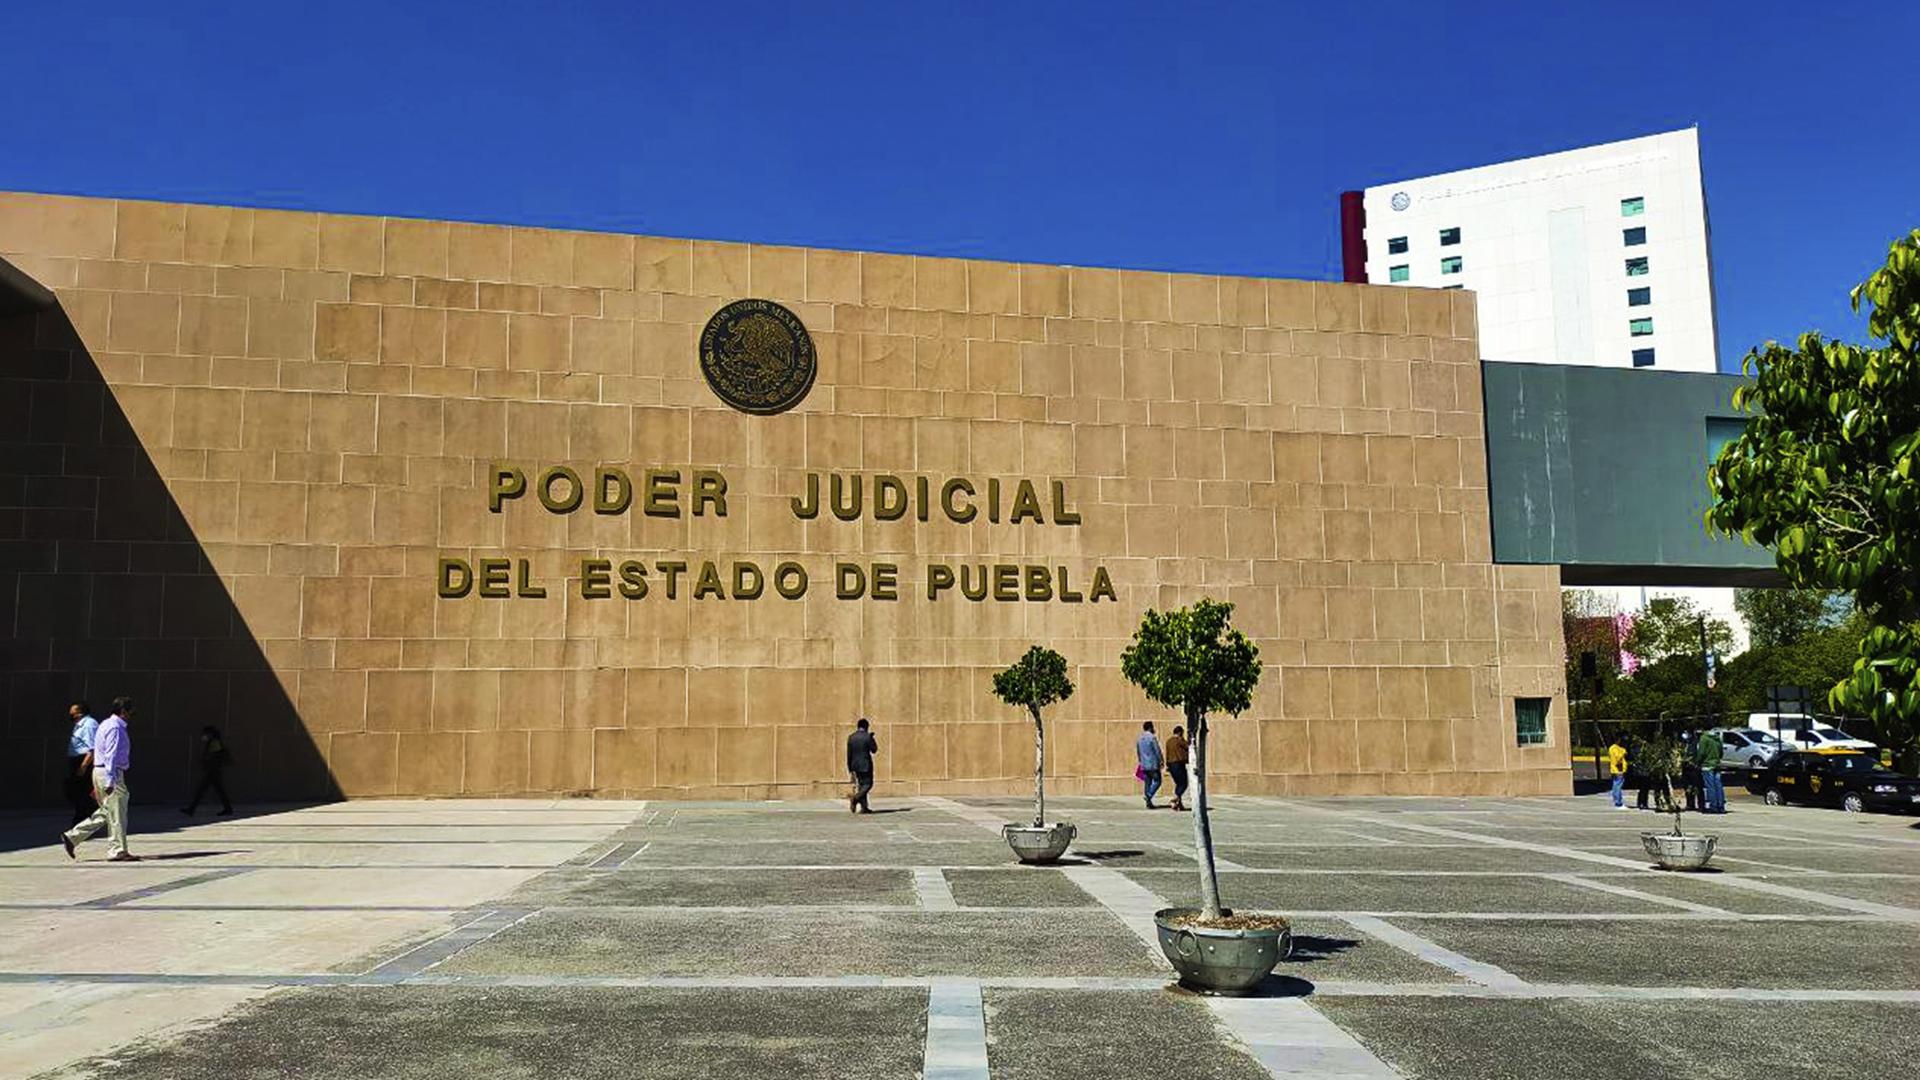 Edificio del Poder Judicial del Estado de Puebla